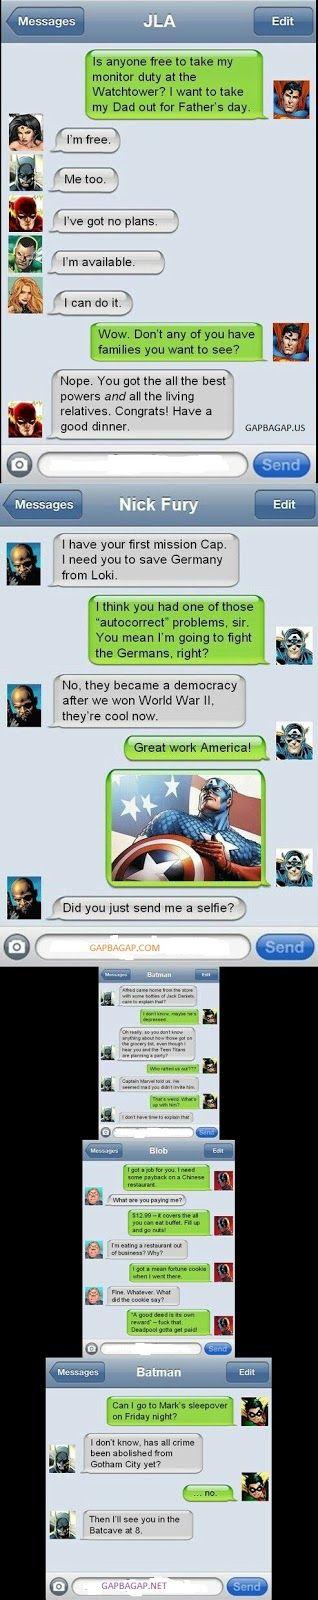 Top 5 Hilarious Text Messages About Batman vs. Superman